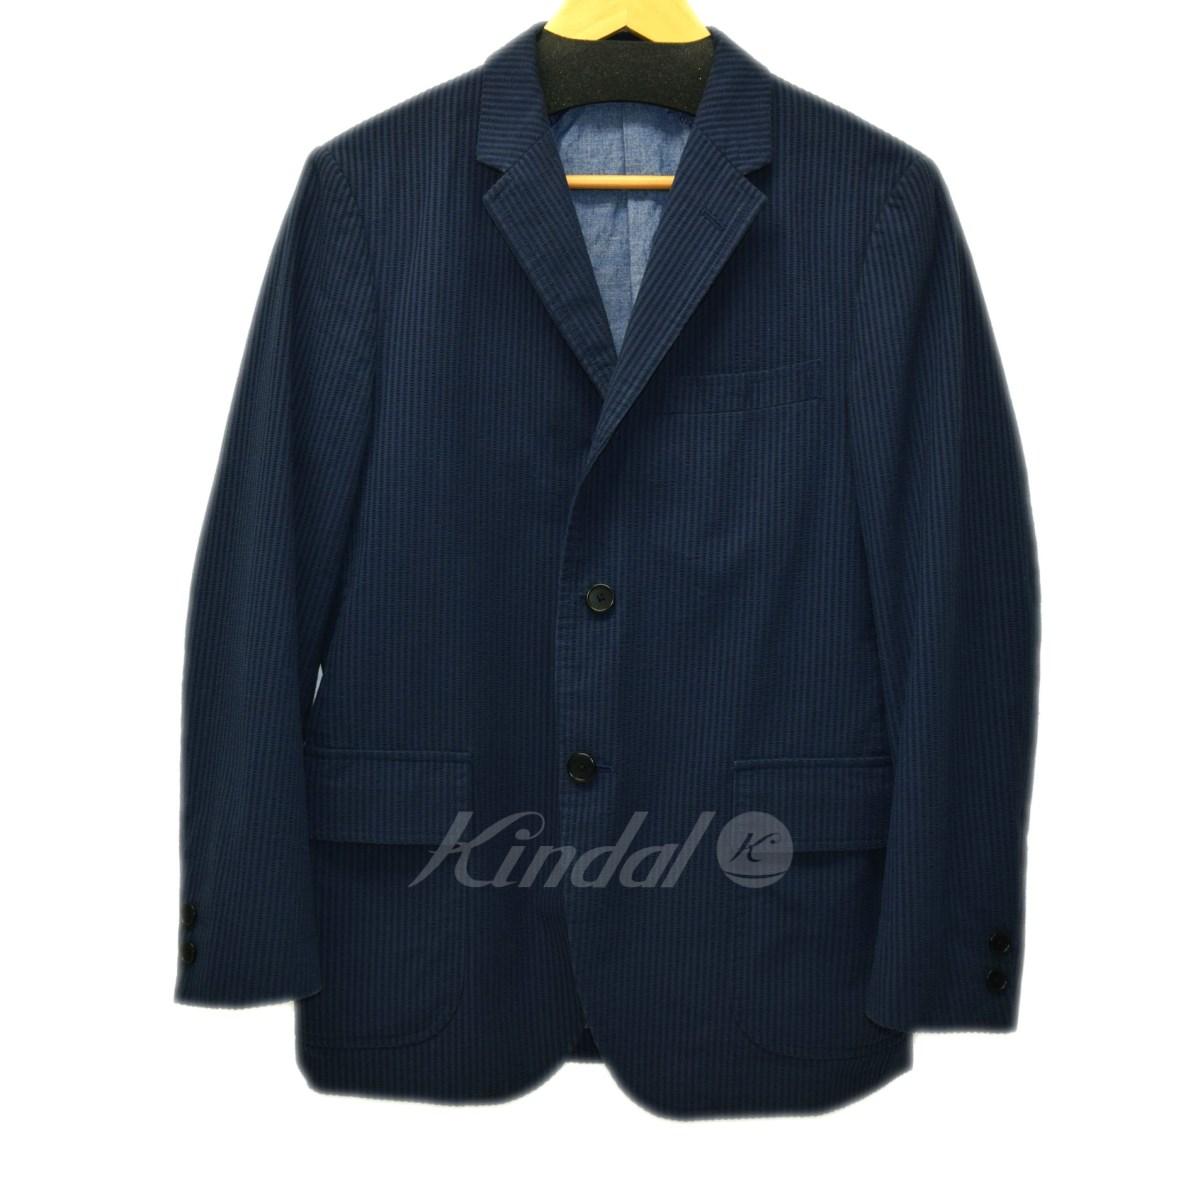 【中古】BLUE BLUE x J PRESS シアサッカージャケット ネイビー サイズ:1(S) 【送料無料】 【110319】(ブルーブルー)